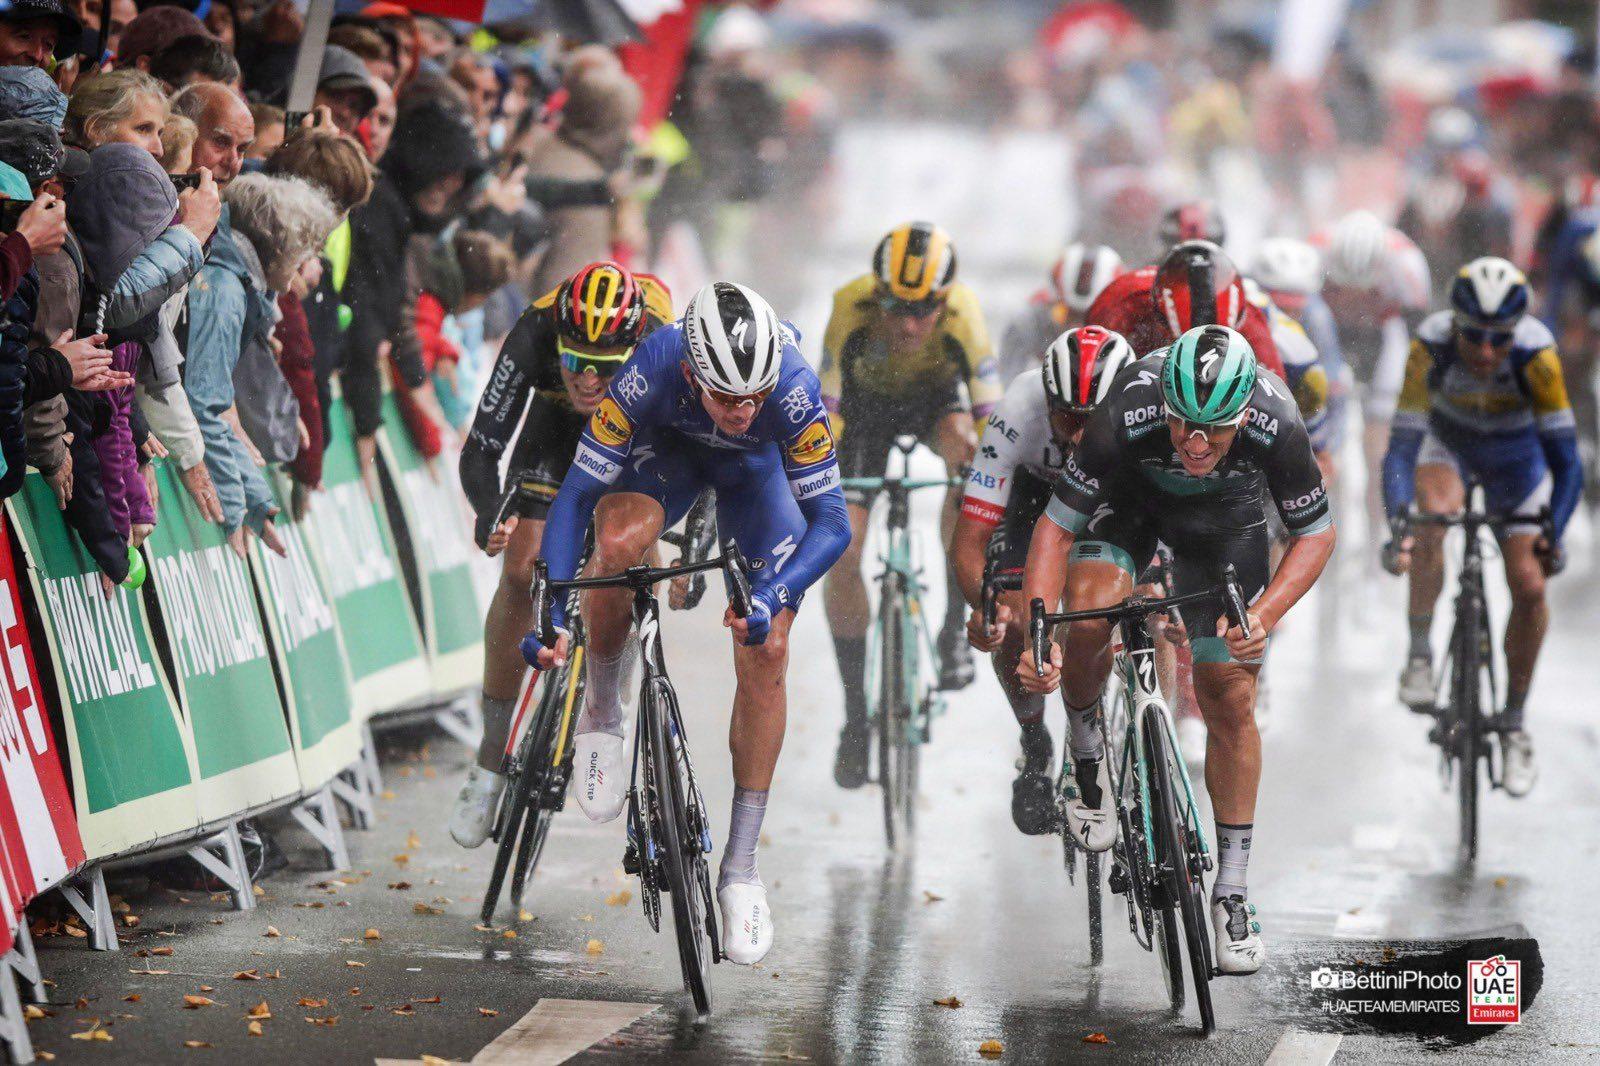 Альваро Одег выиграл велогонку Sparkassen Münsterland Giro, а Макс Вальшайд получил по лицу